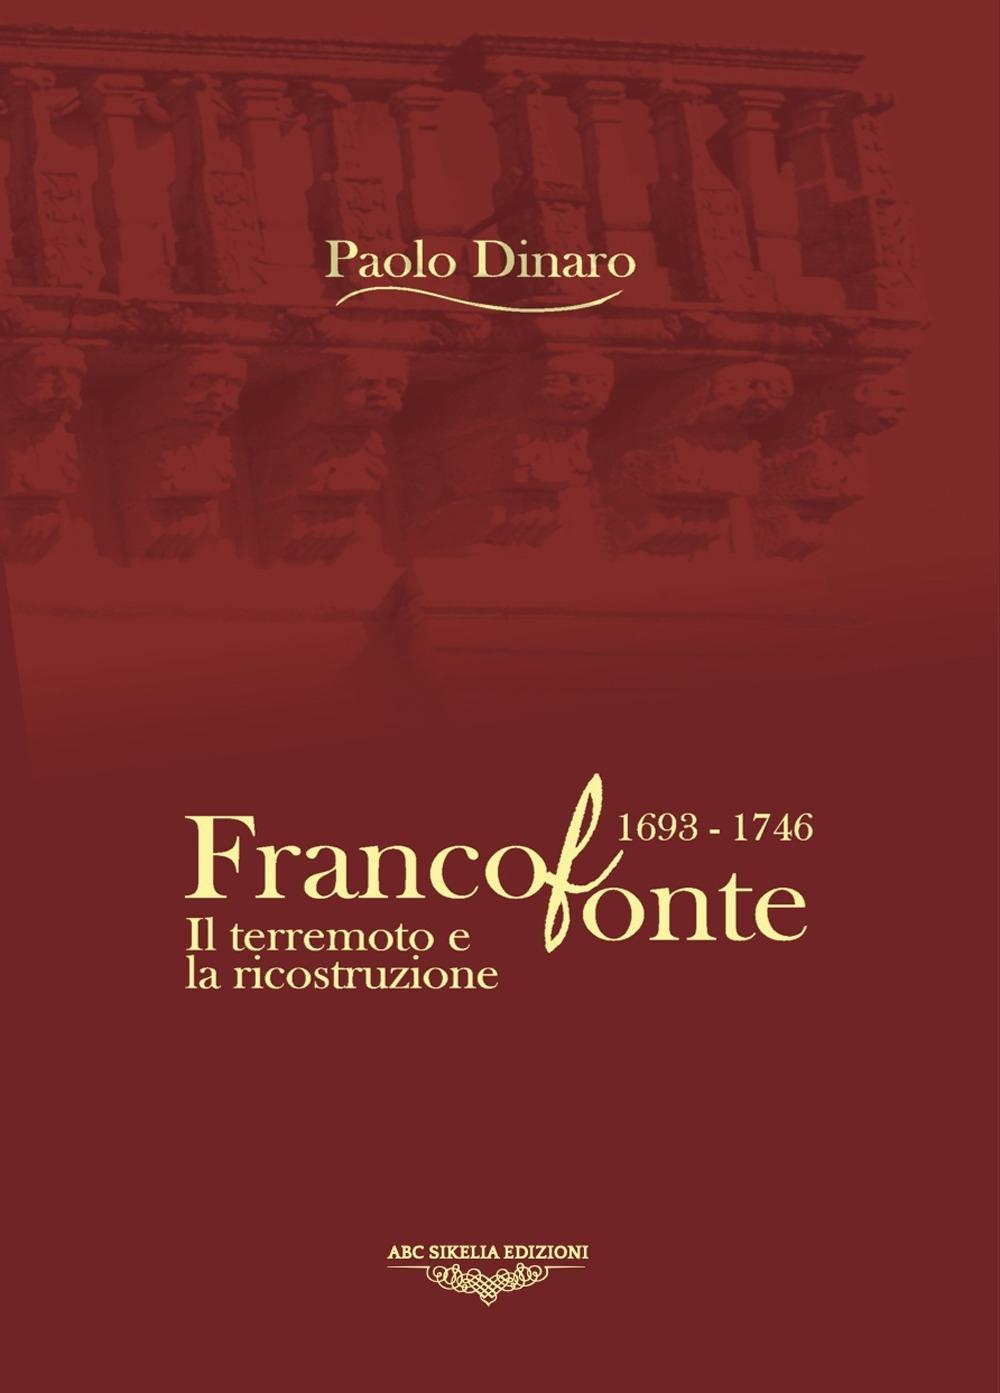 Francofonte 1693-1746. Il terremoto e la ricostruzione. Ediz. illustrata